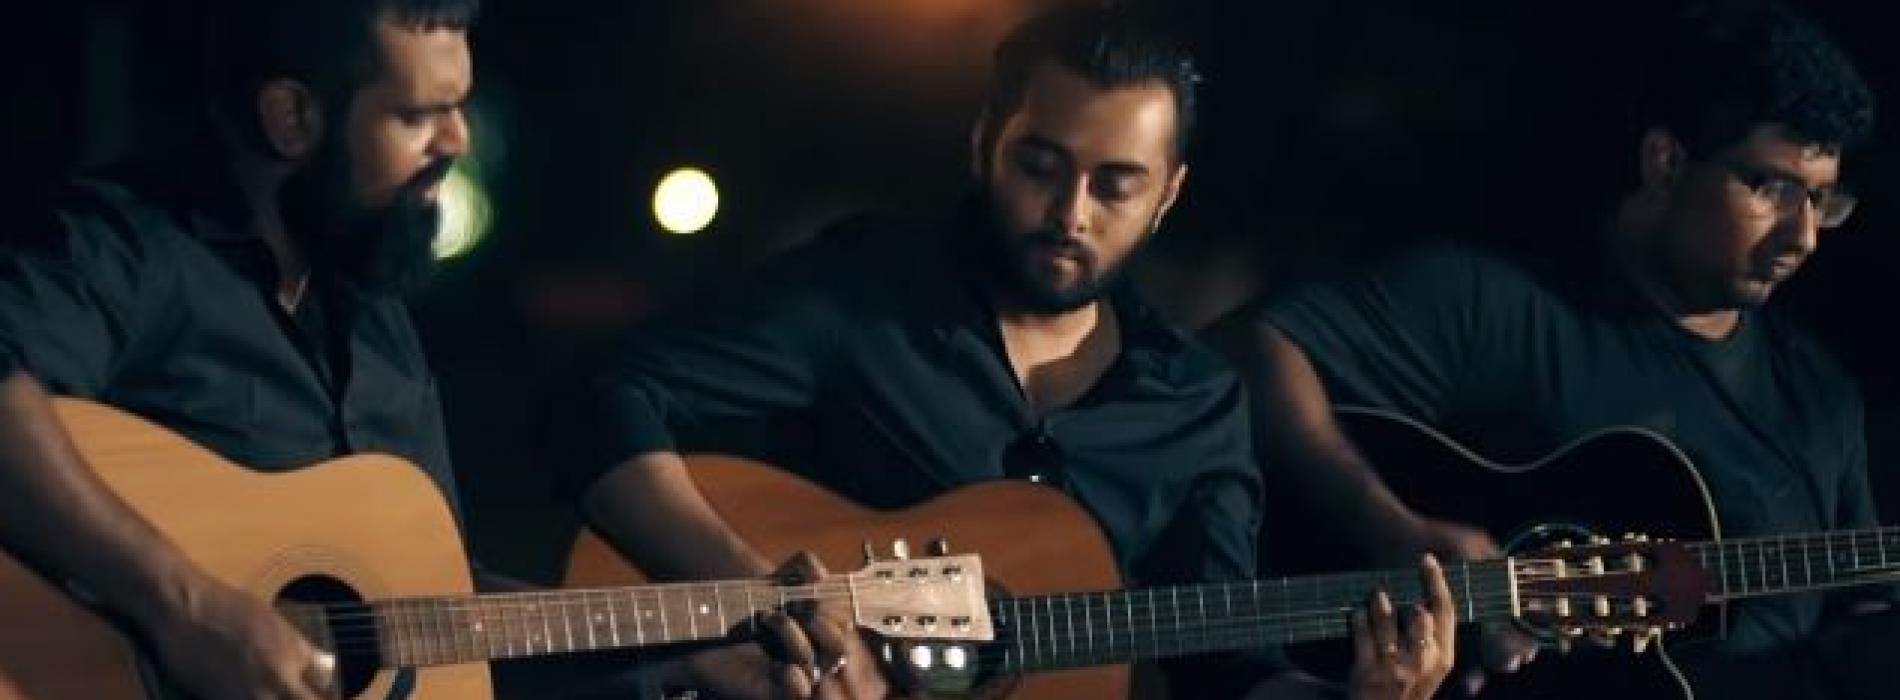 Phire To Pabona / Yana Thanaka (Acoustic) – Hridoy Khan , Mihindu Ariyaratne Ft Raj Thillaiyampalam